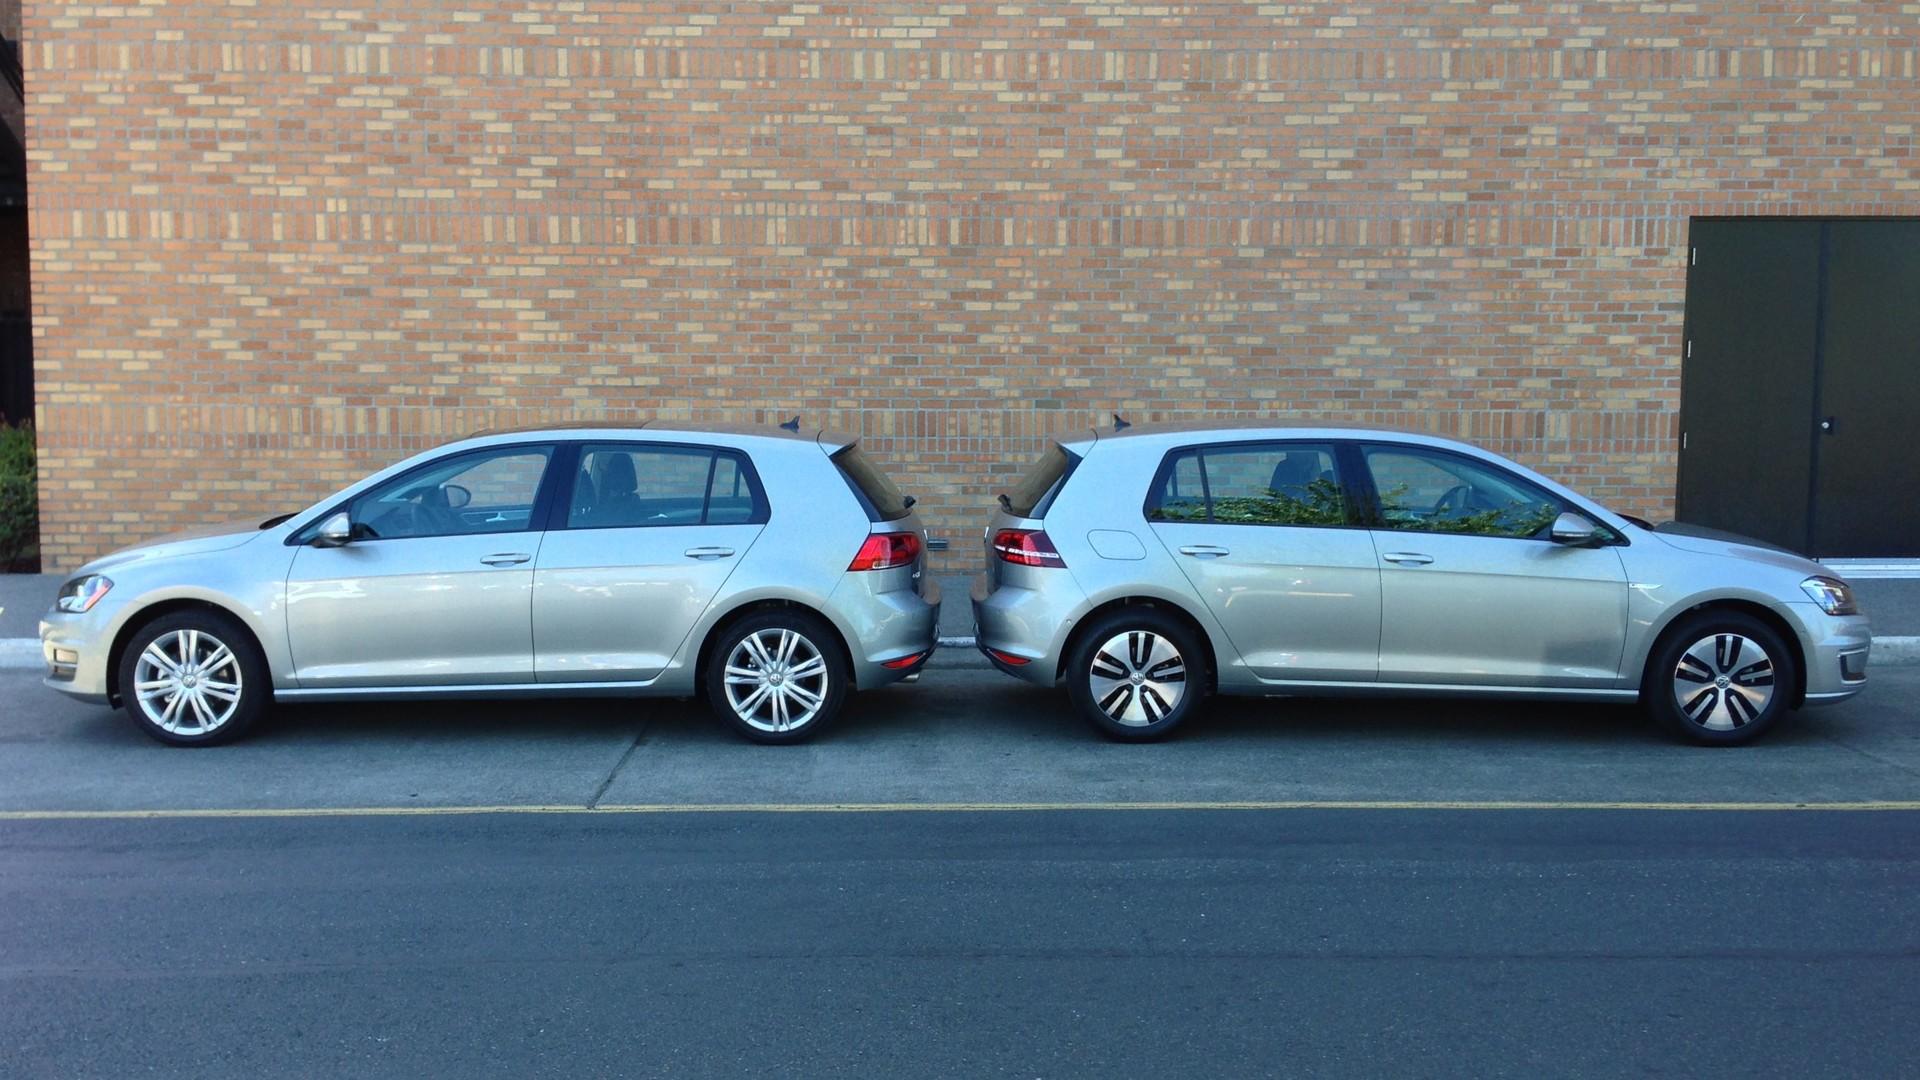 2015 Volkswagen Golf Range: Best Car To Buy 2015 Nominee